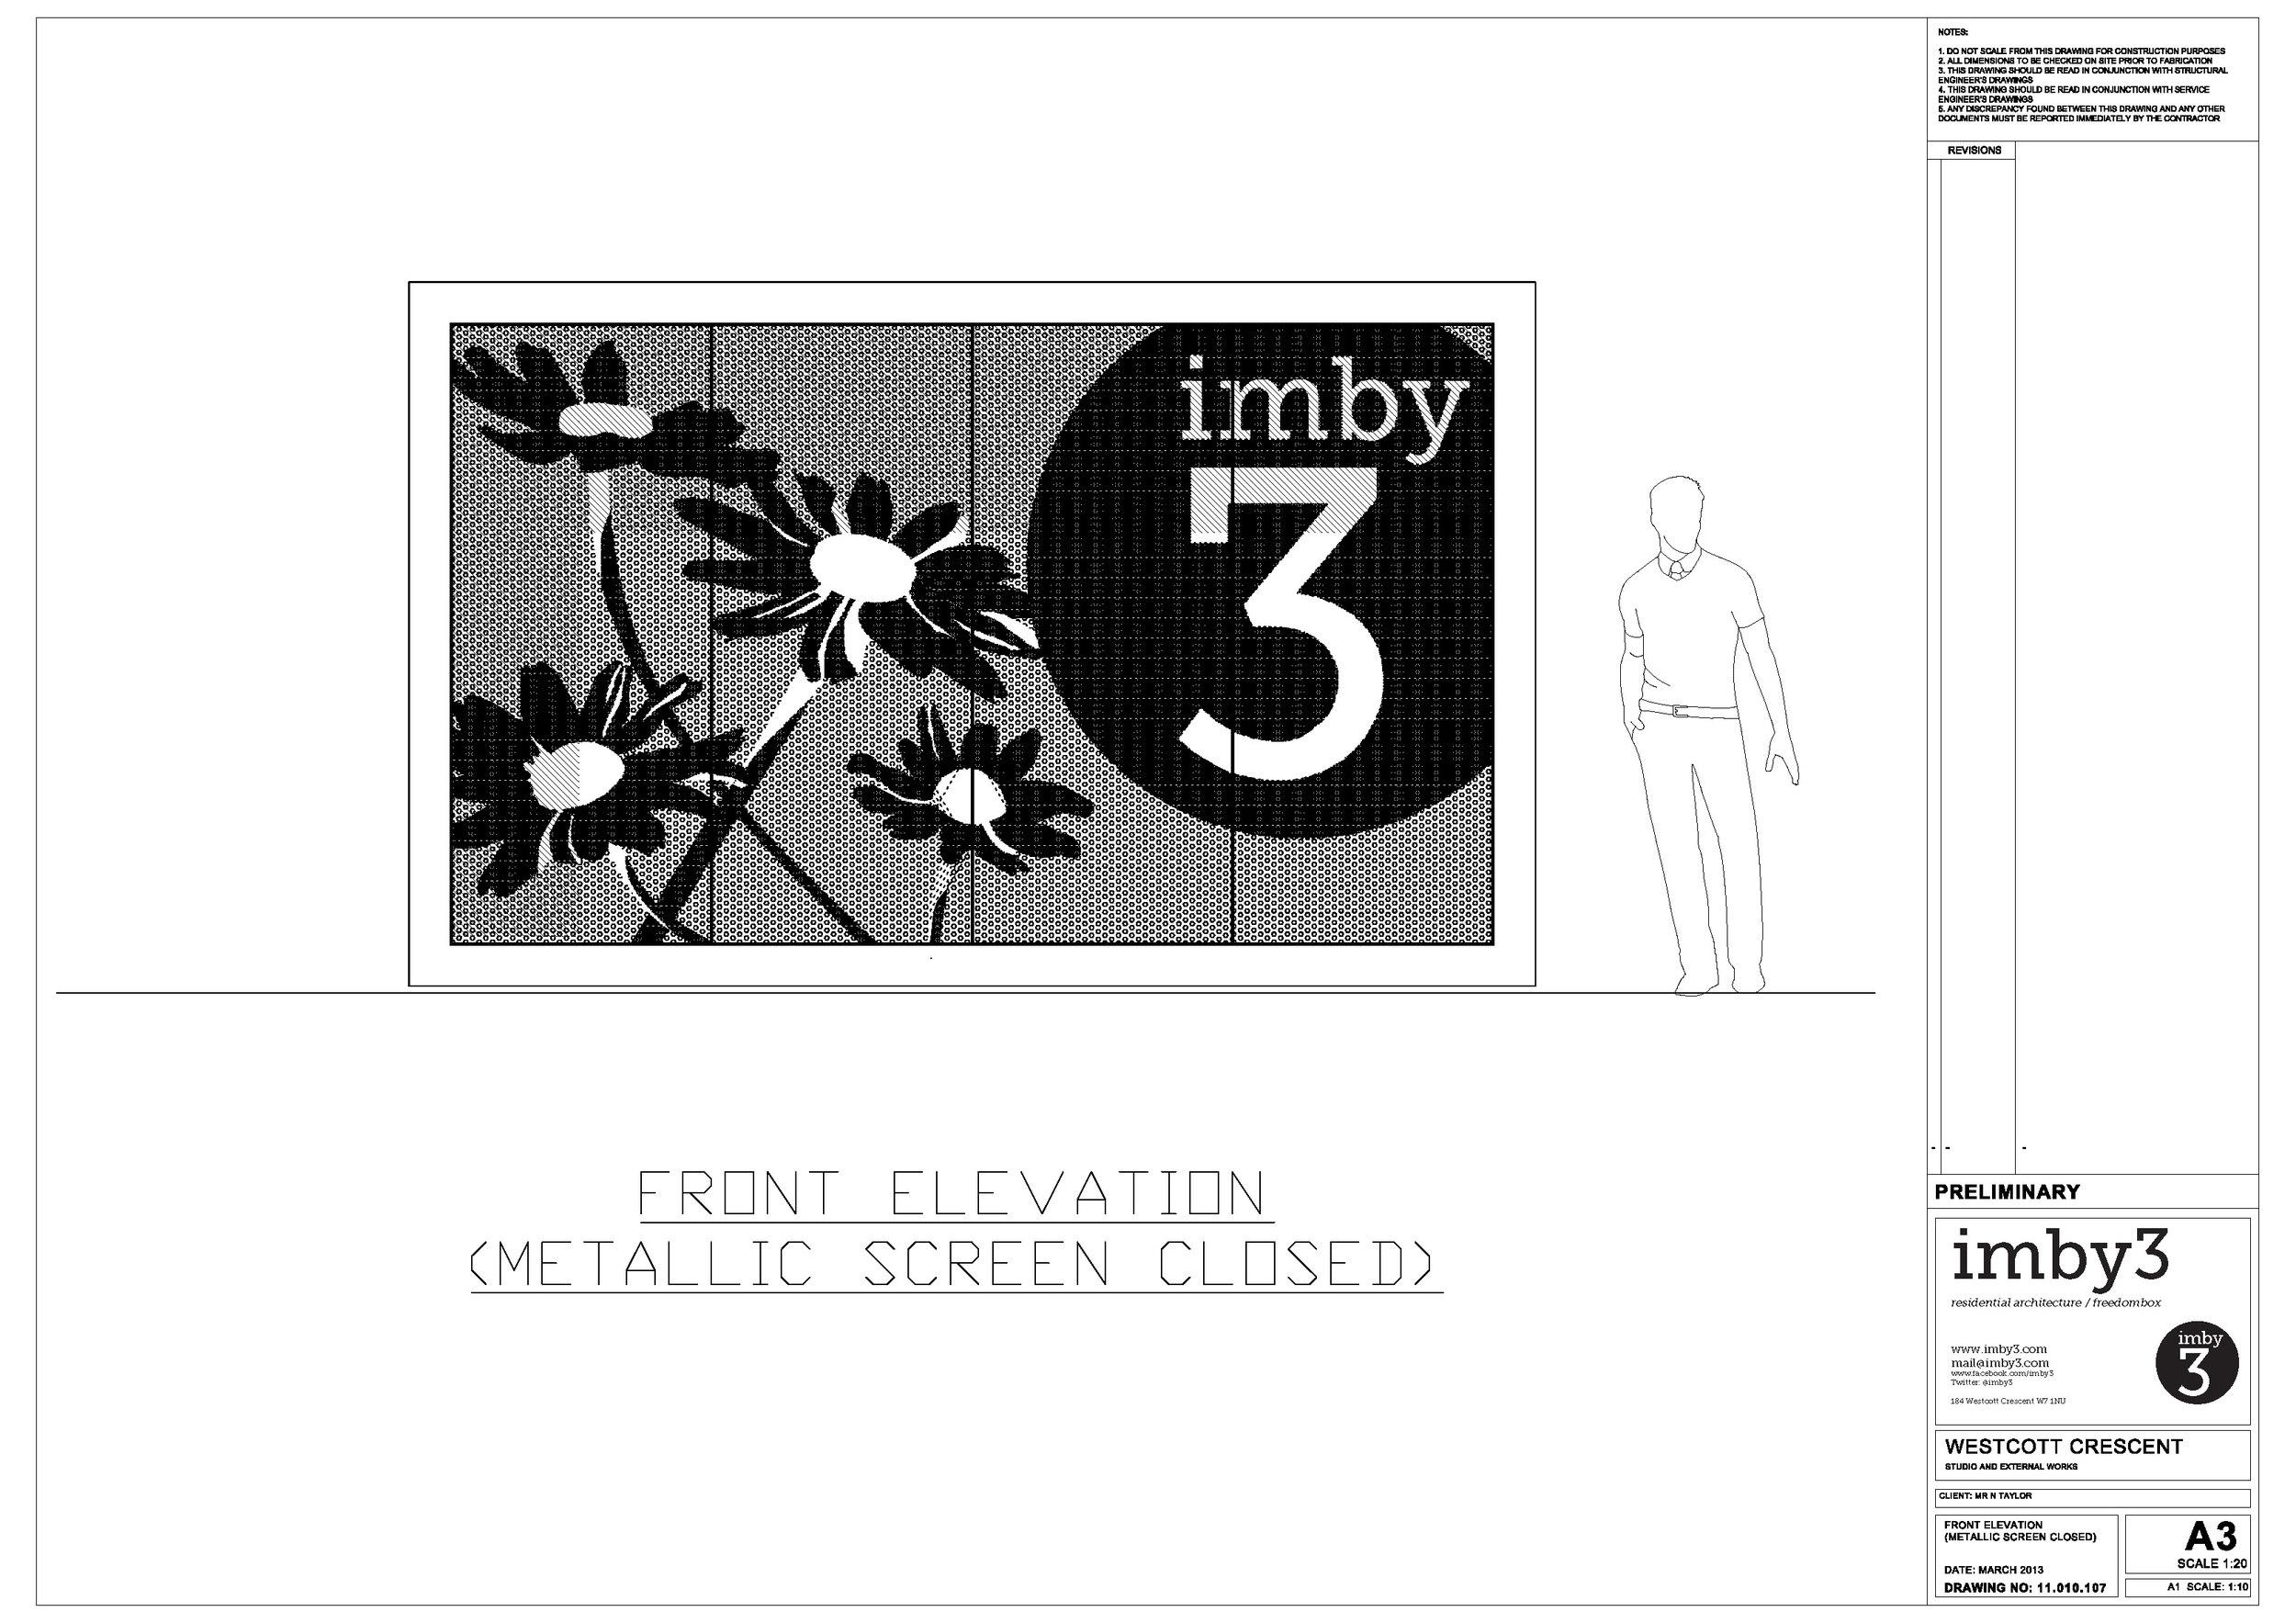 freedomBOX-imby3-WC-2.jpg